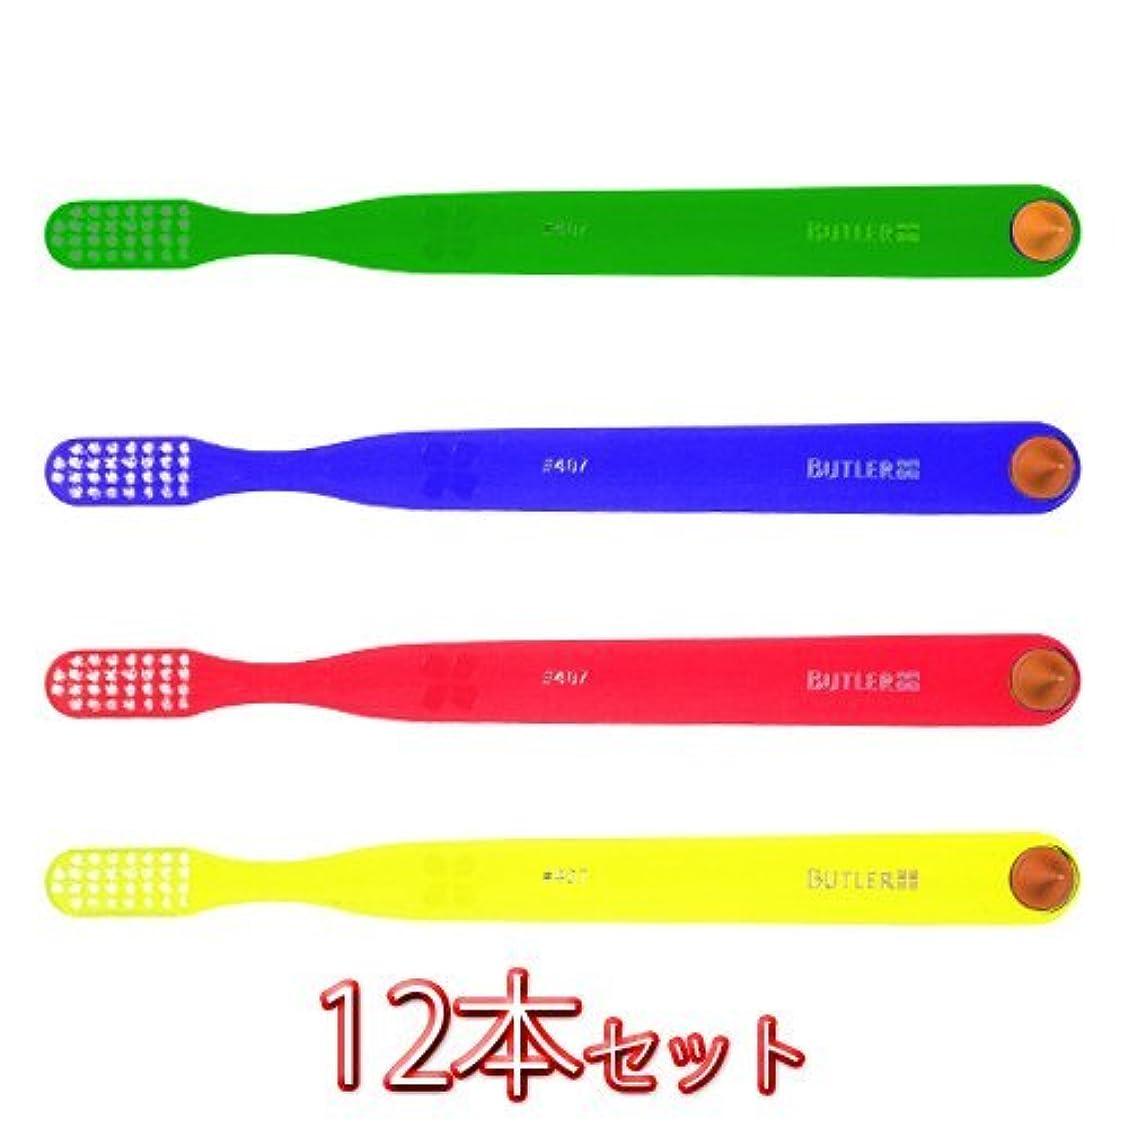 純粋なばかげている科学的バトラー 歯ブラシ 12本入 #407